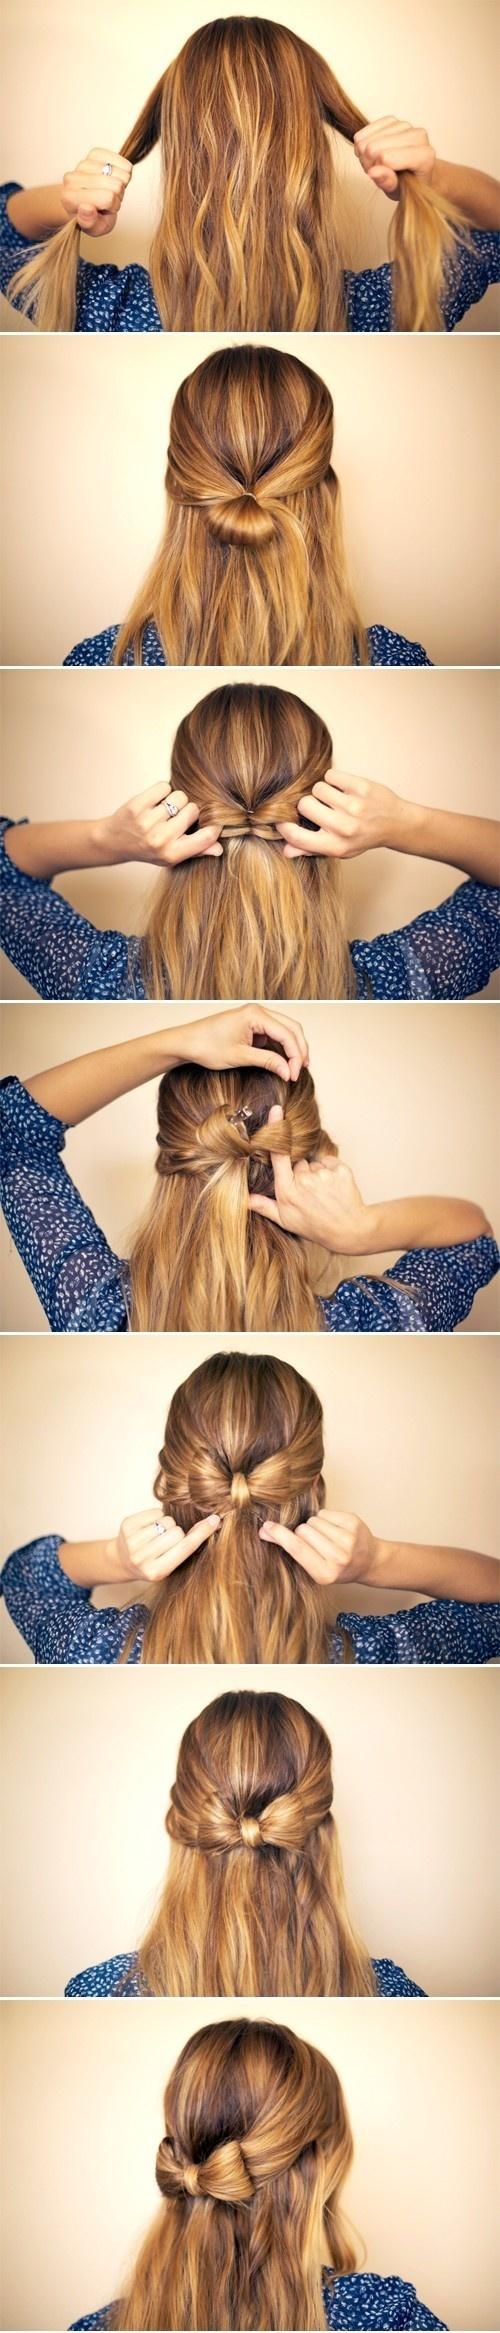 moño de cabello, es hermoso